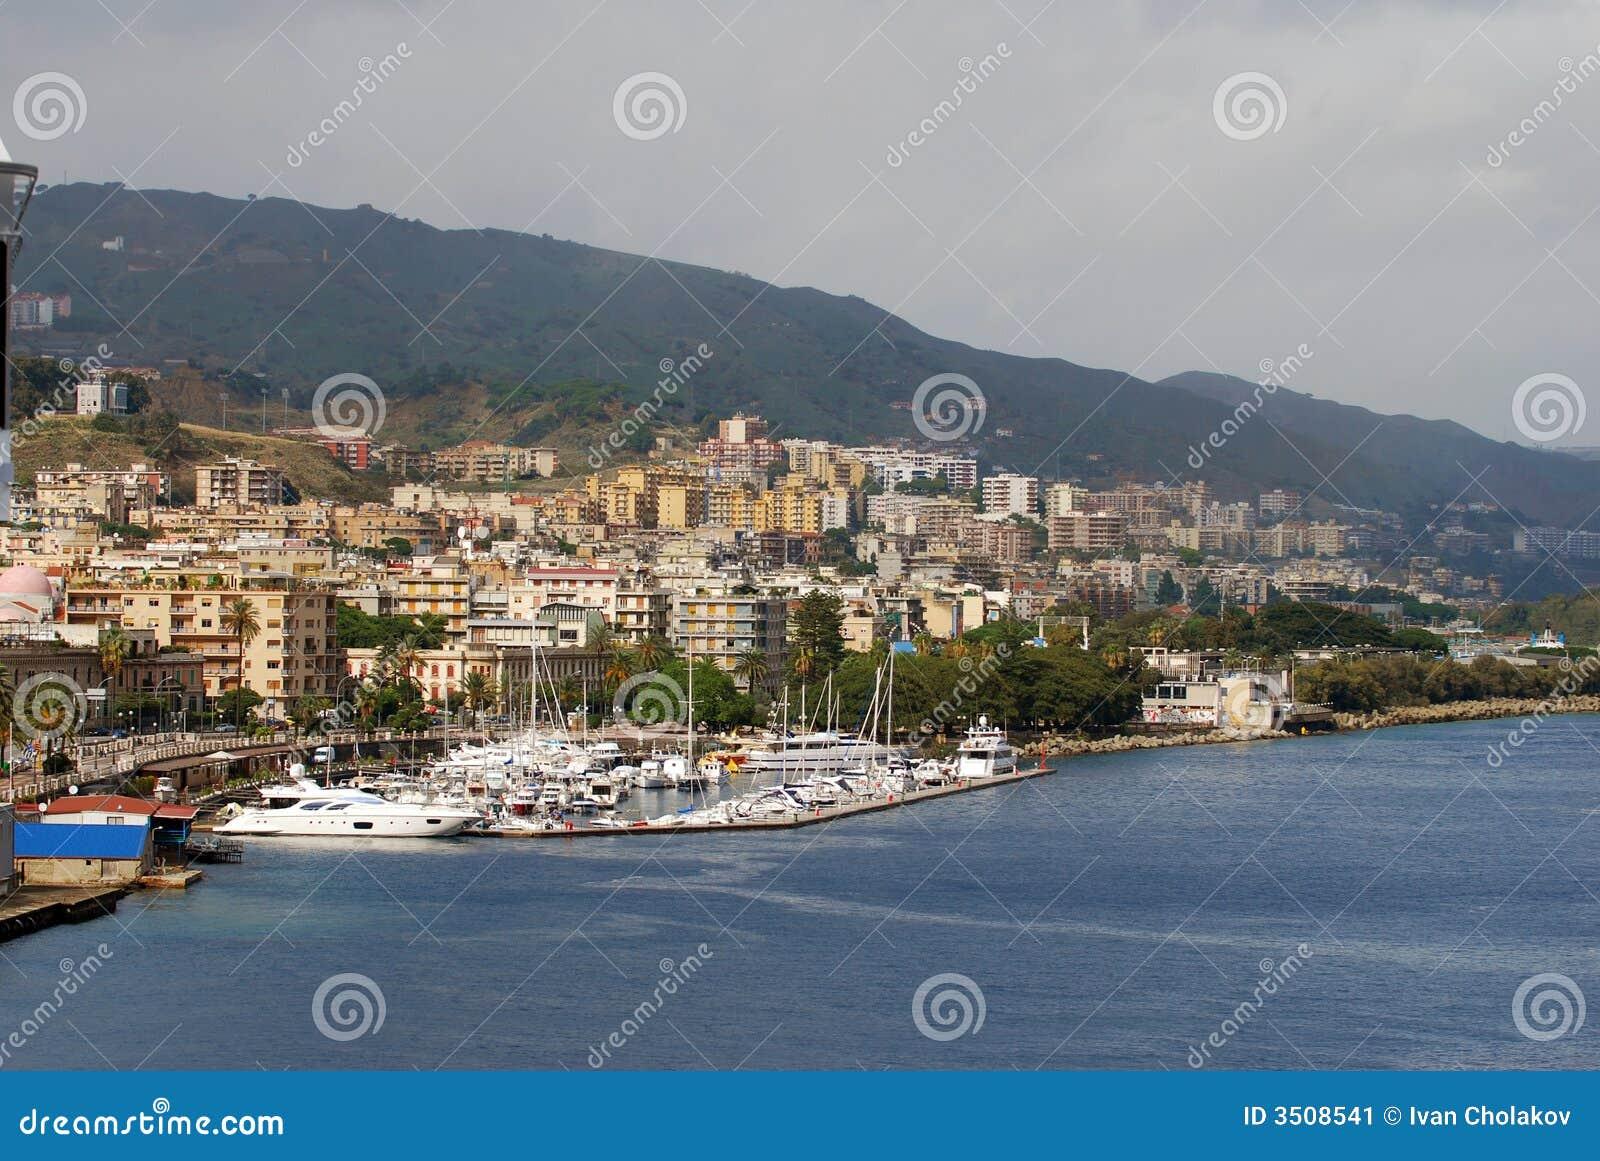 Boat marina and coastal scene